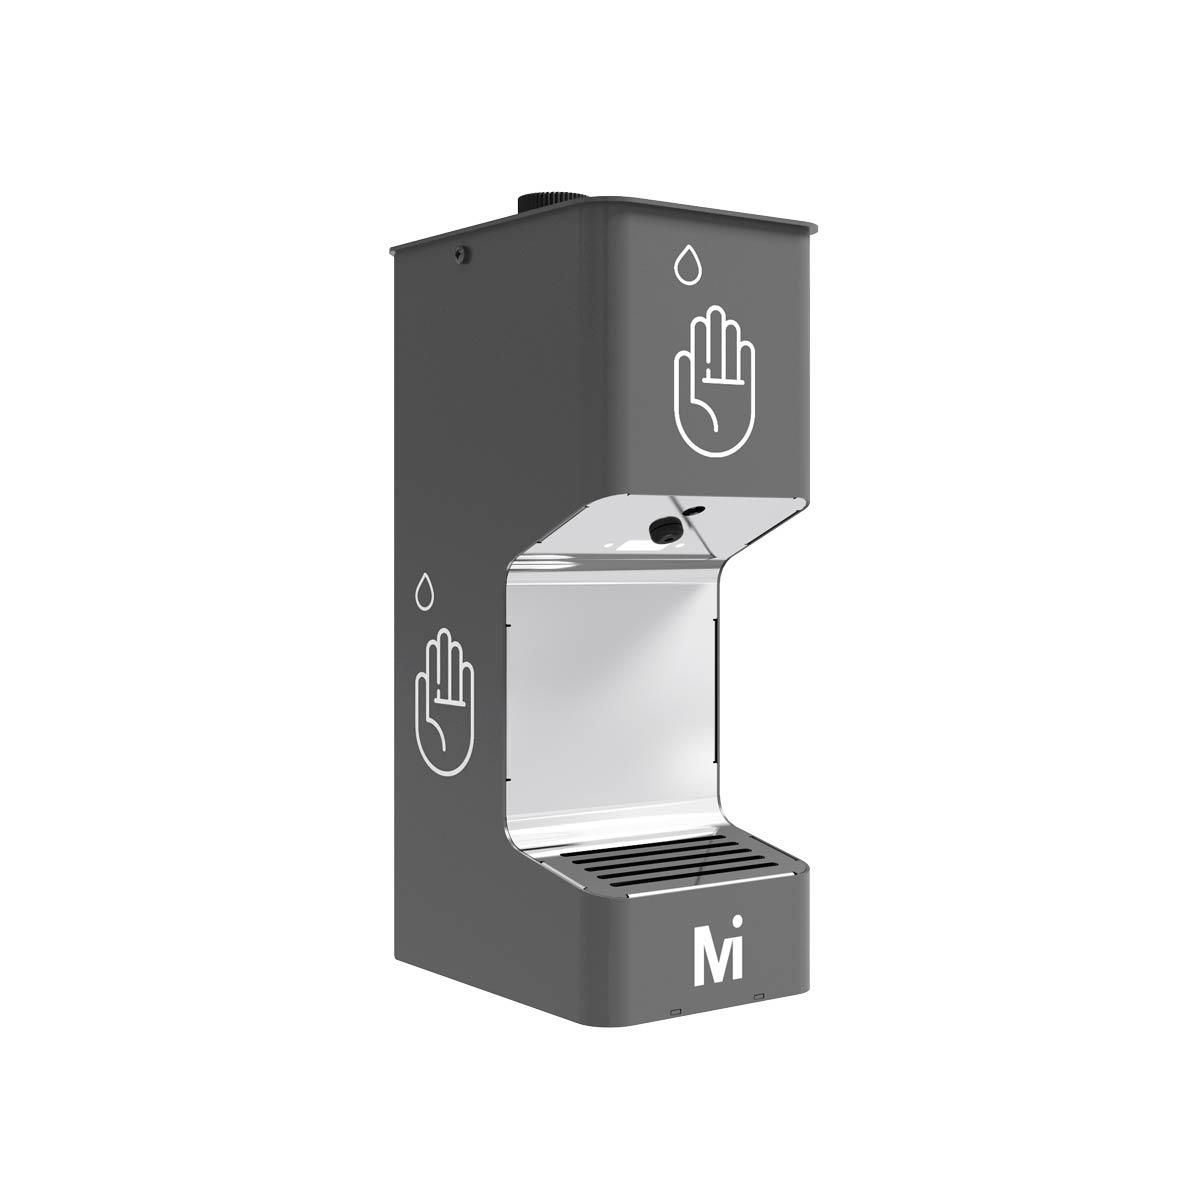 Dispensador a pedal de gel desinfectante